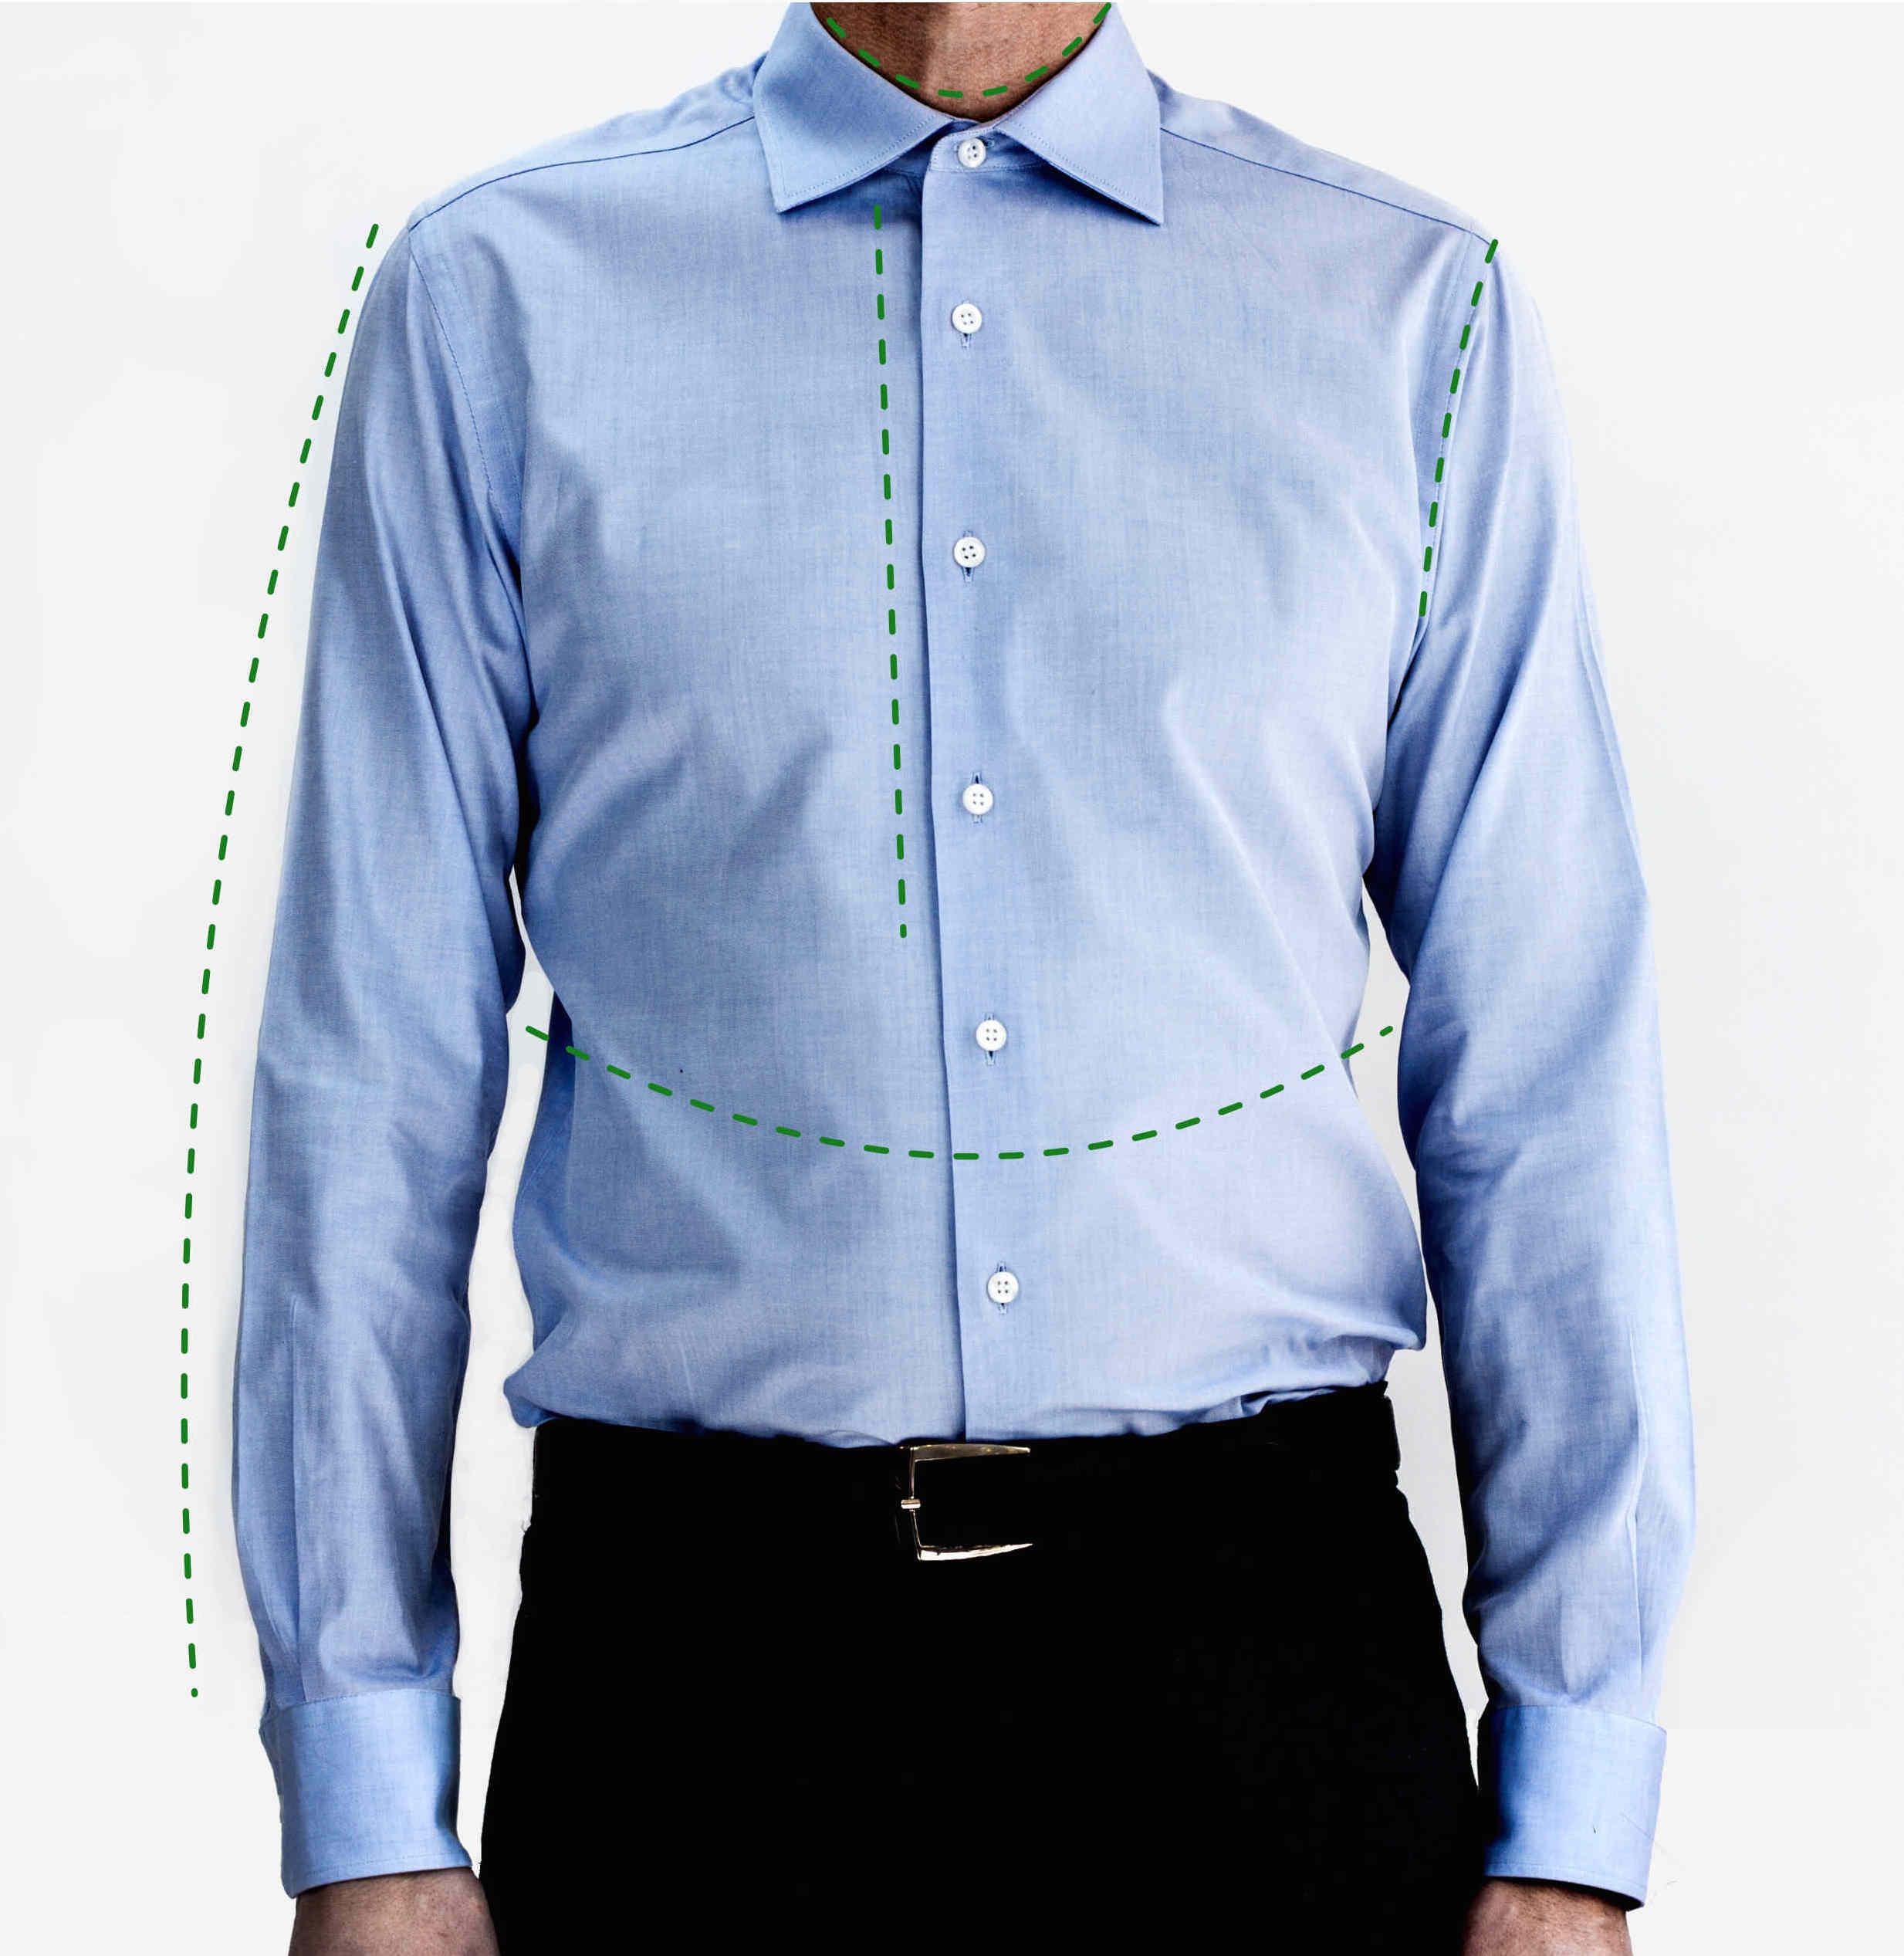 66612443e97a Je veux trouver une belle chemise femme et agréable à porter pas cher ICI  Chemise femme sur mesure